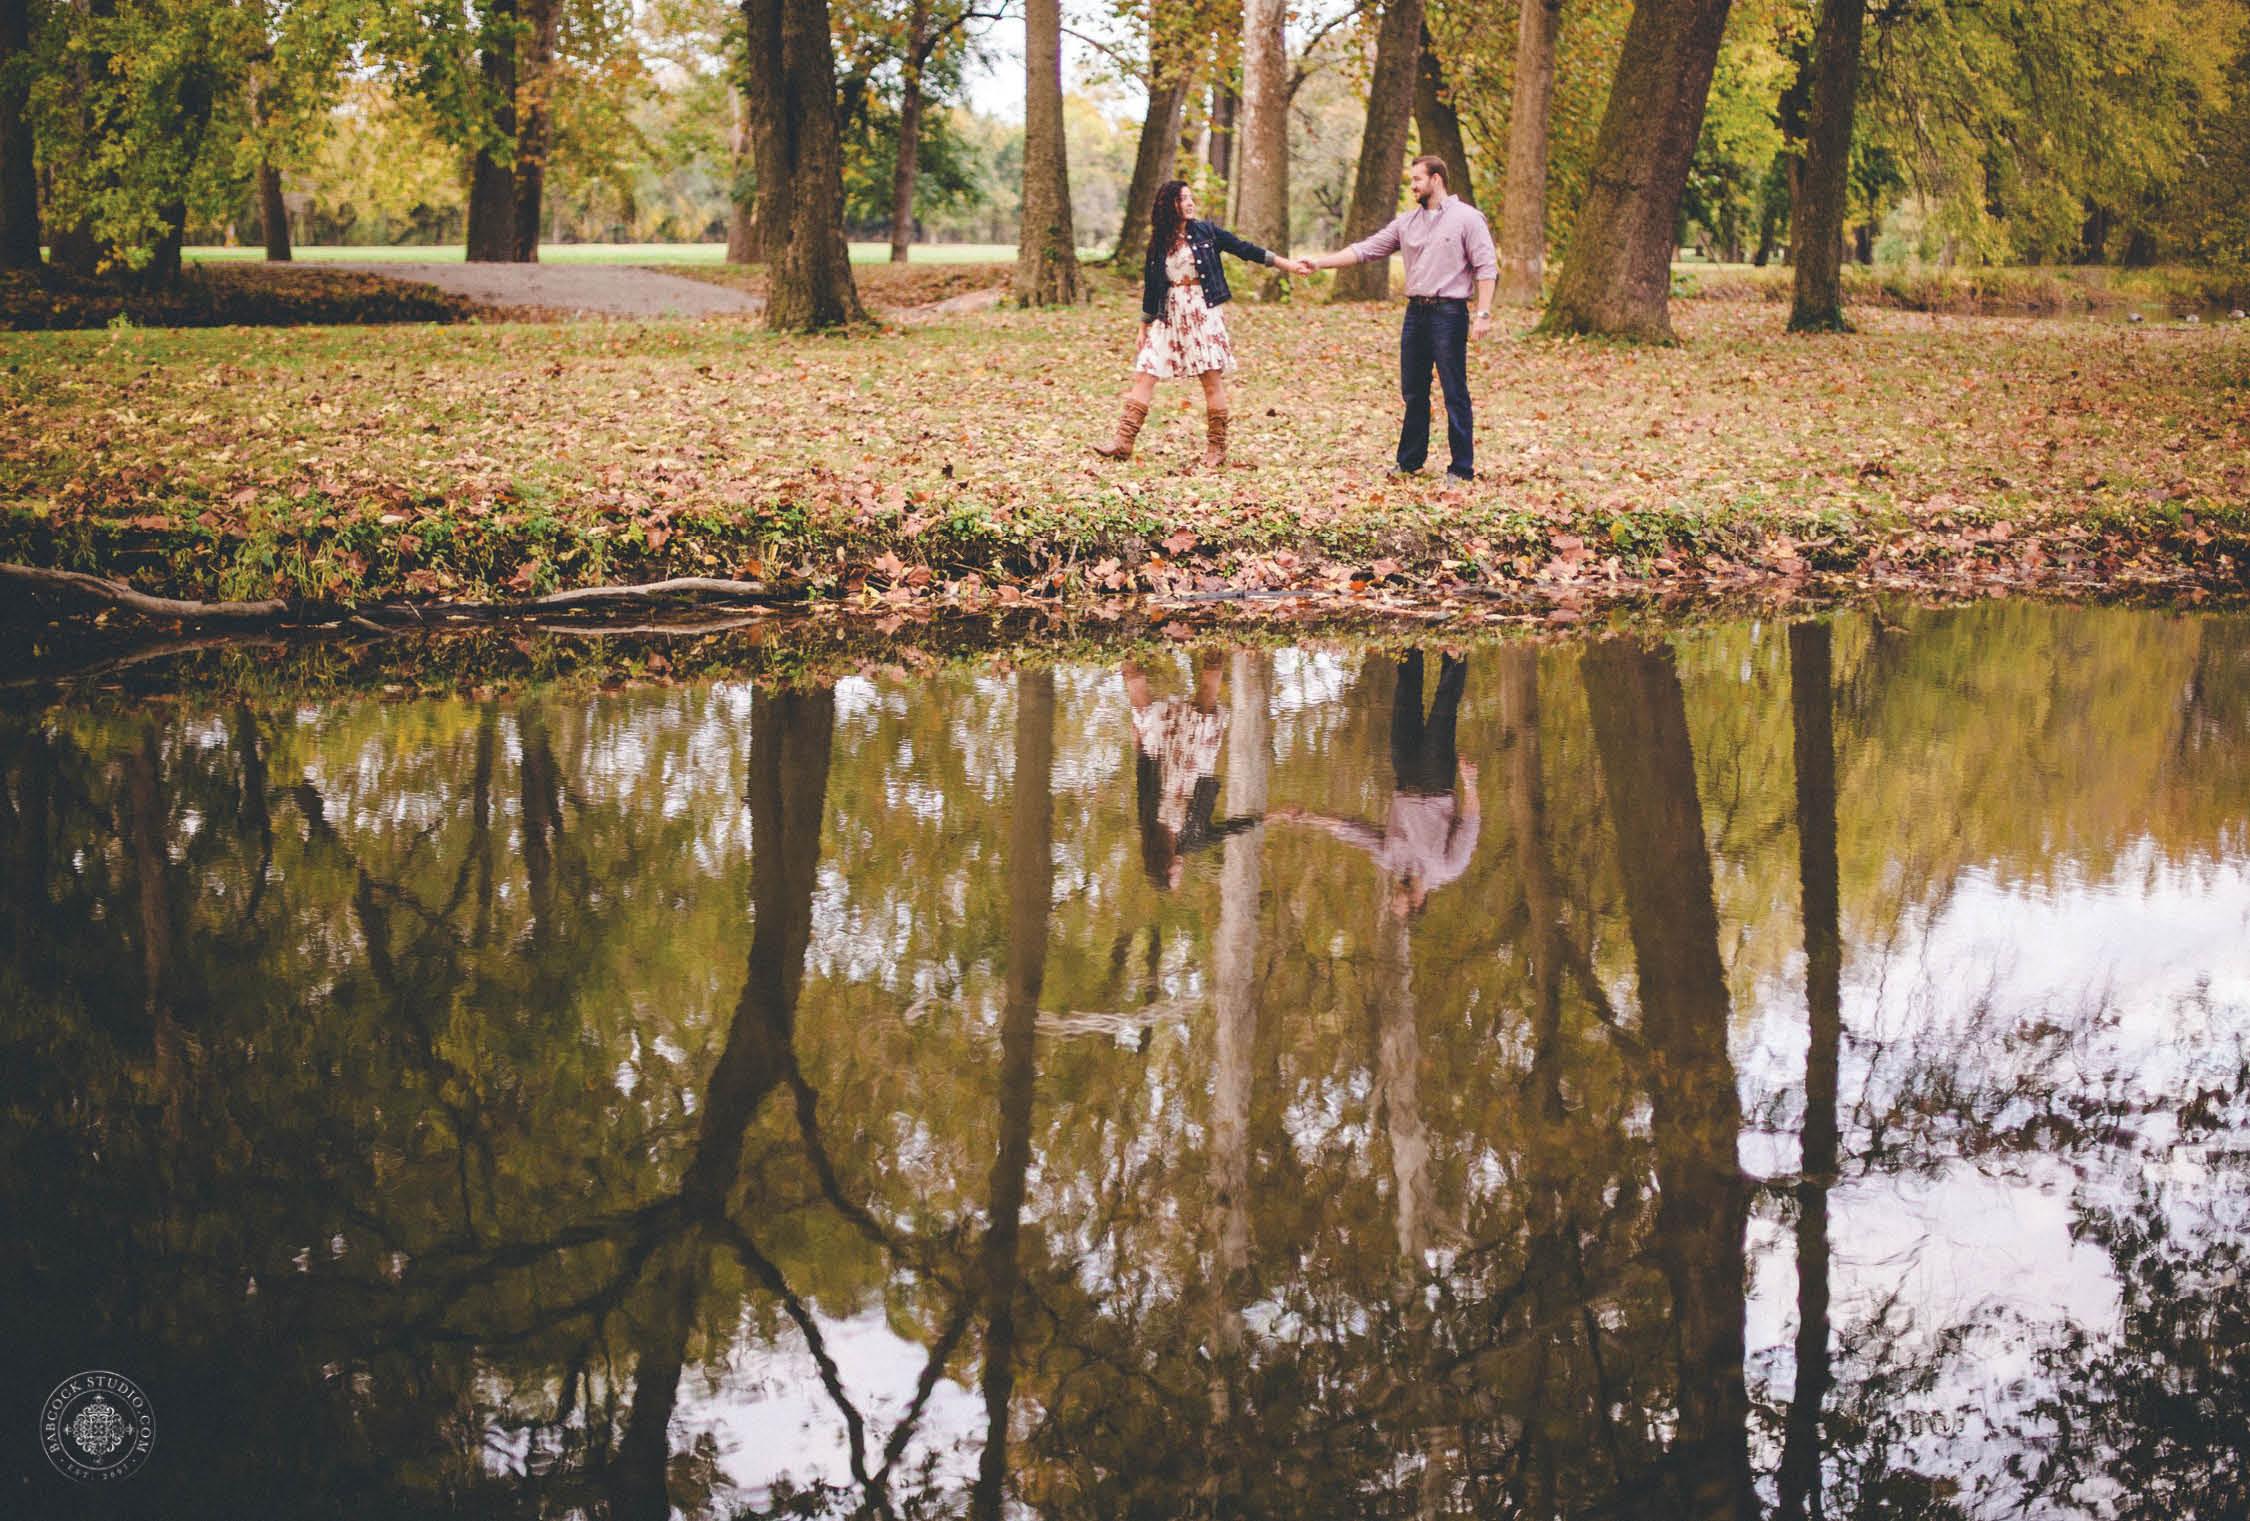 makayla-paul-engagement-photographer-dayton-ohio-8.jpg